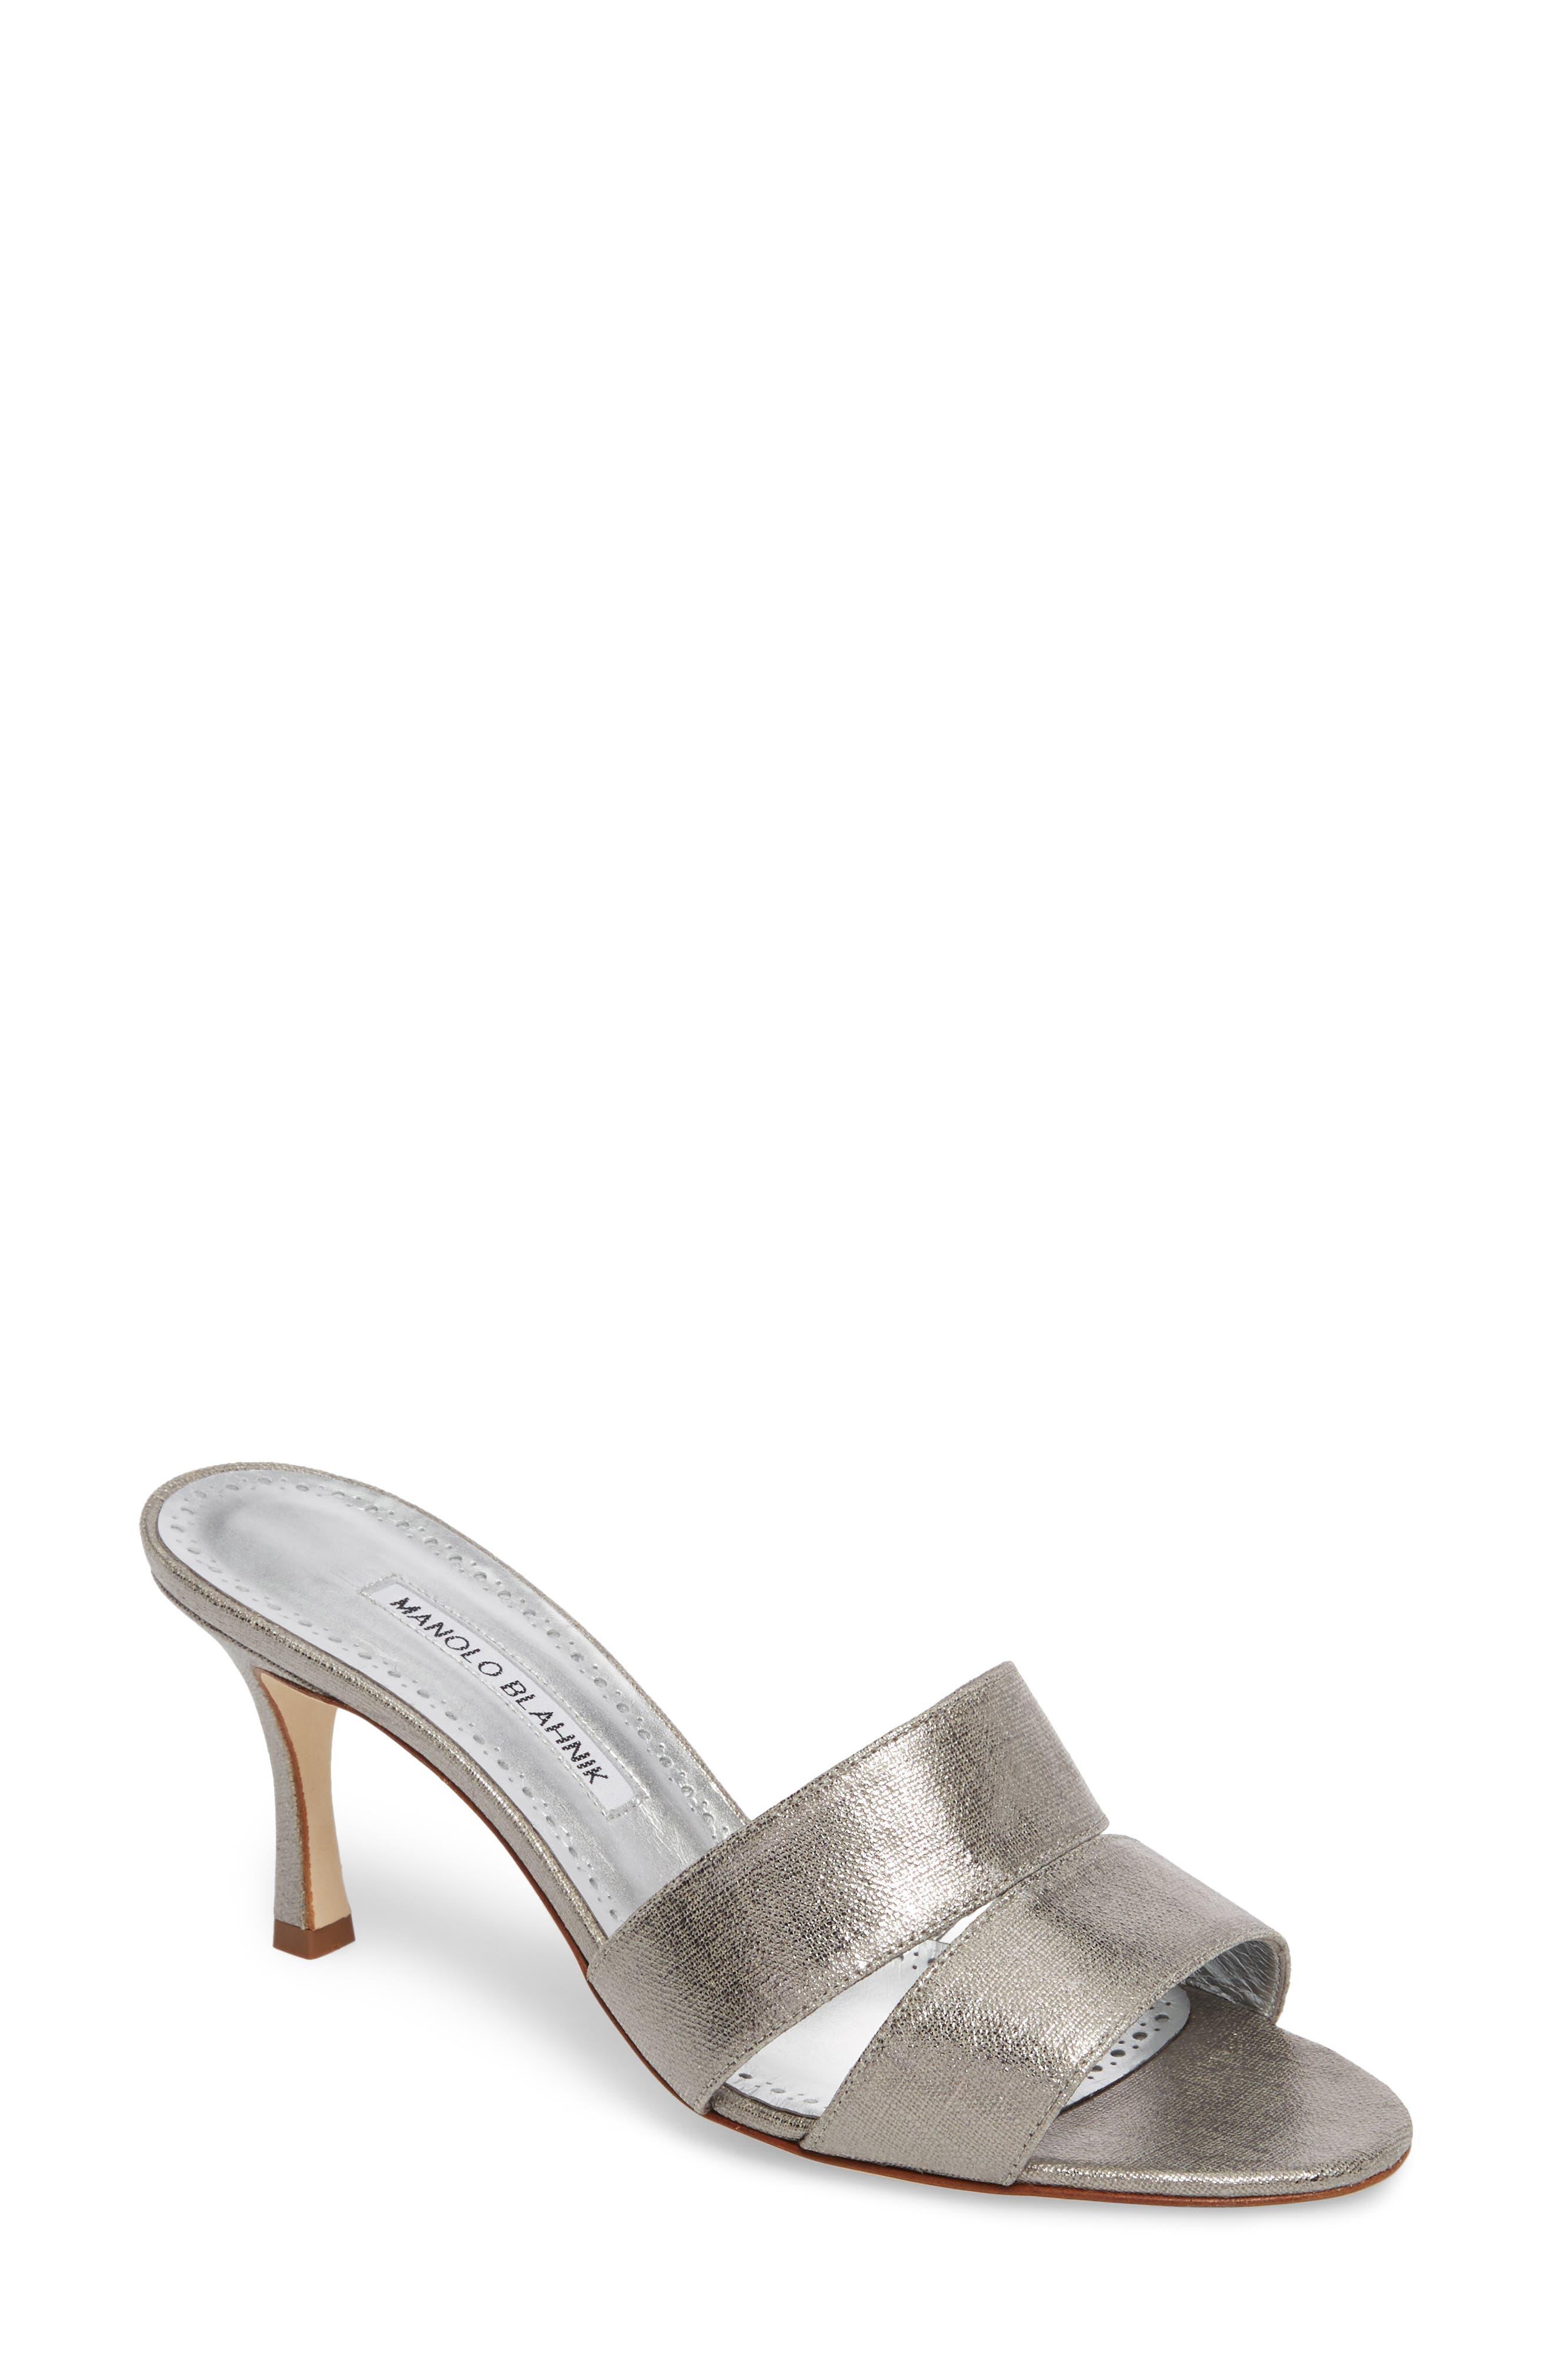 Manolo Blahnik Iacopo Mule Sandal (Women)